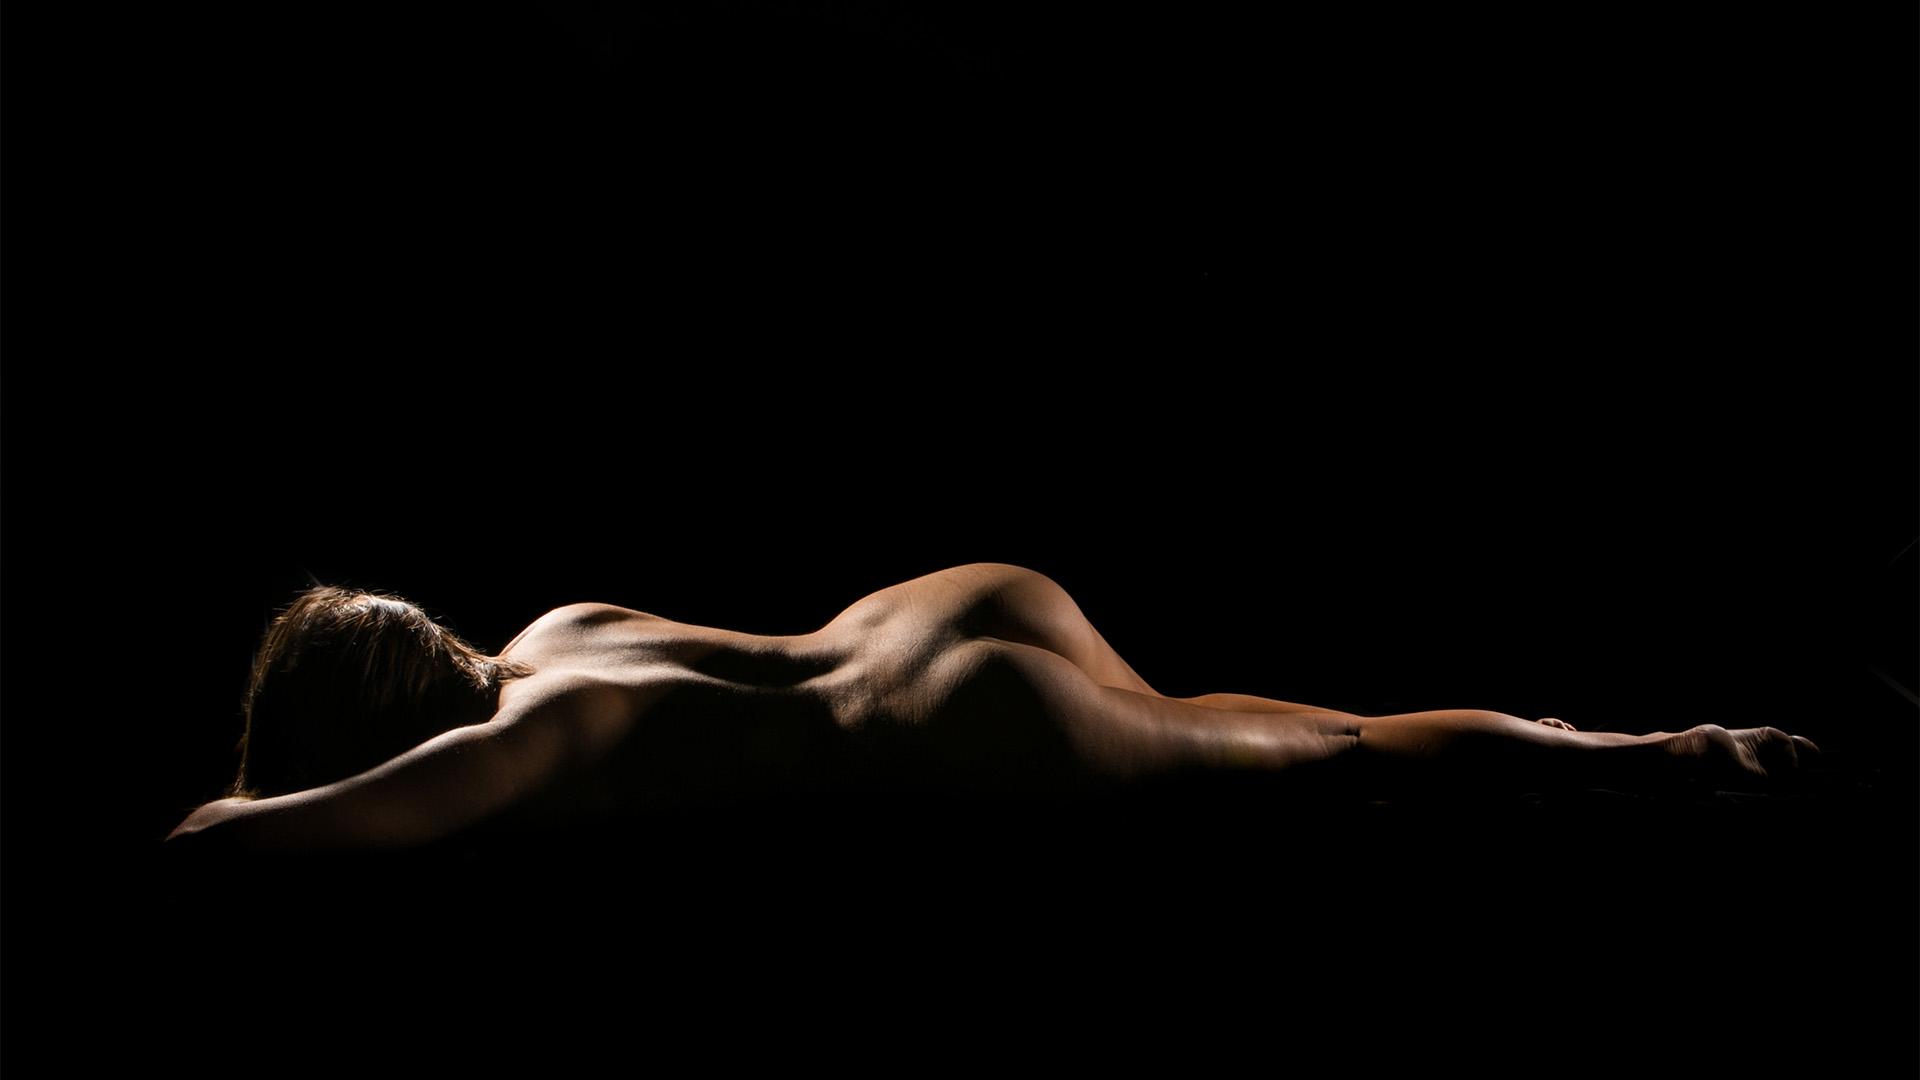 Artistic Nude 9517